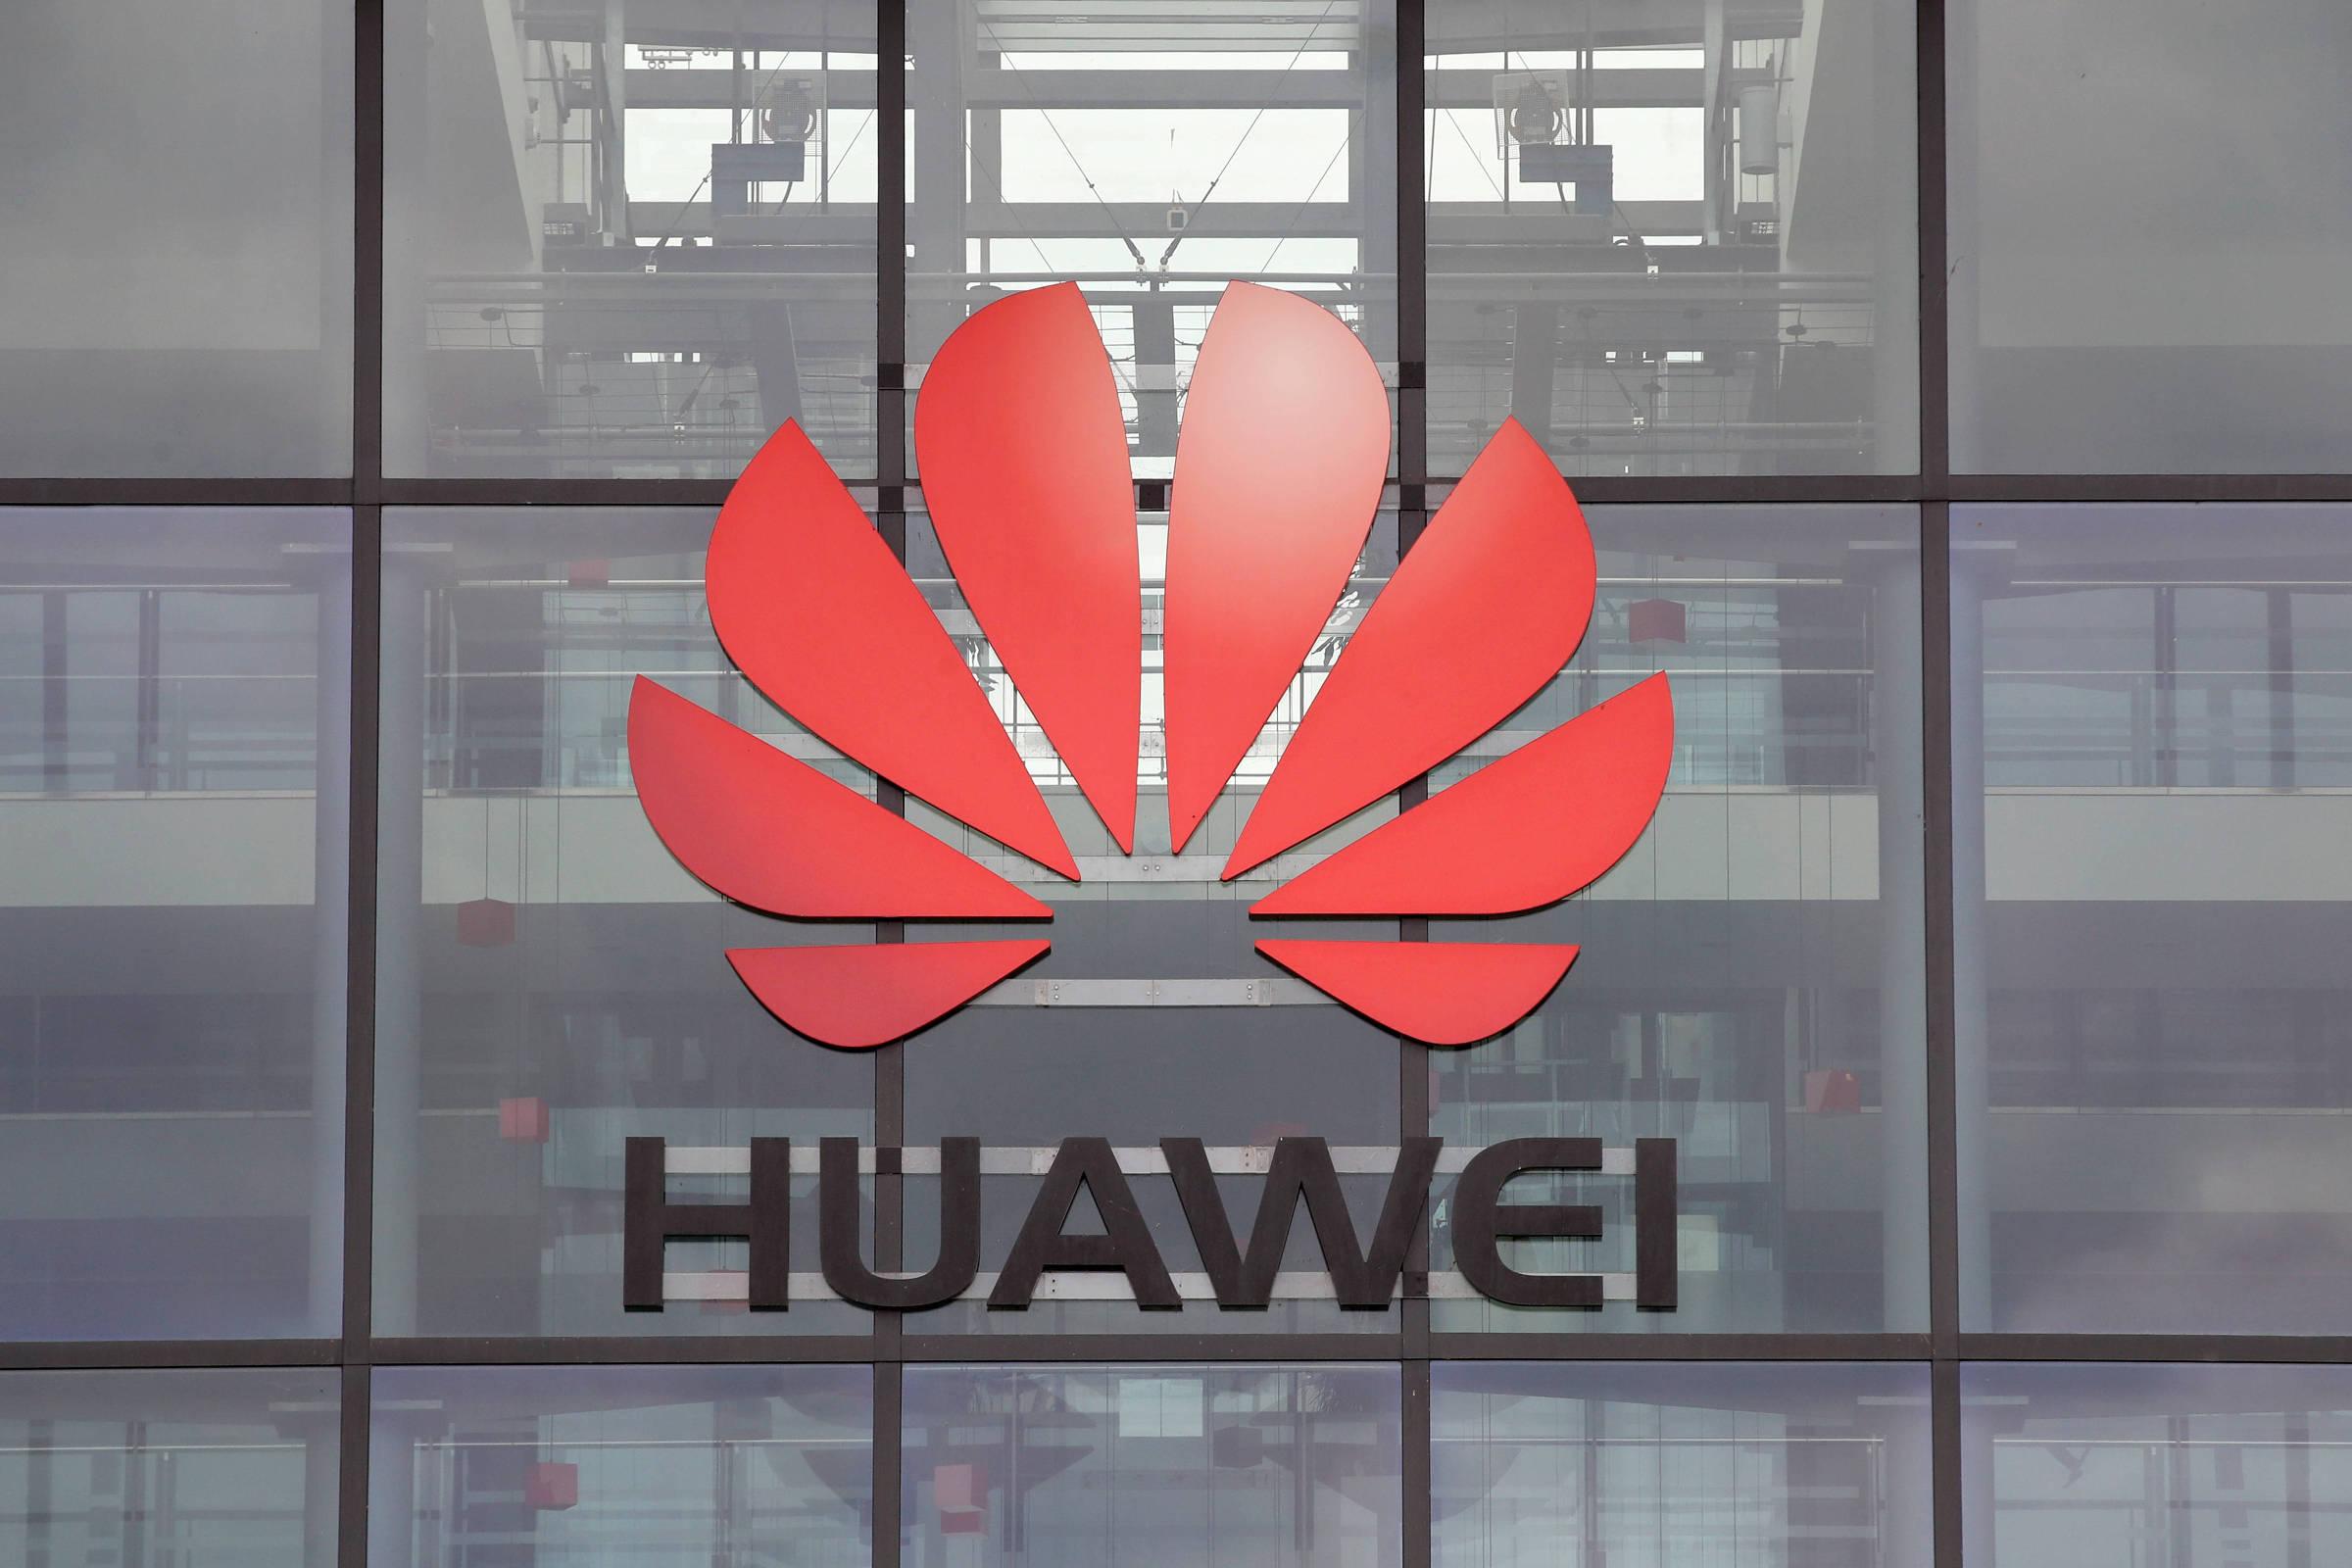 Huawei tiếp tục bị Mỹ siết chặt dưới thời Tổng thống Joe Biden. Ảnh: Reuters.